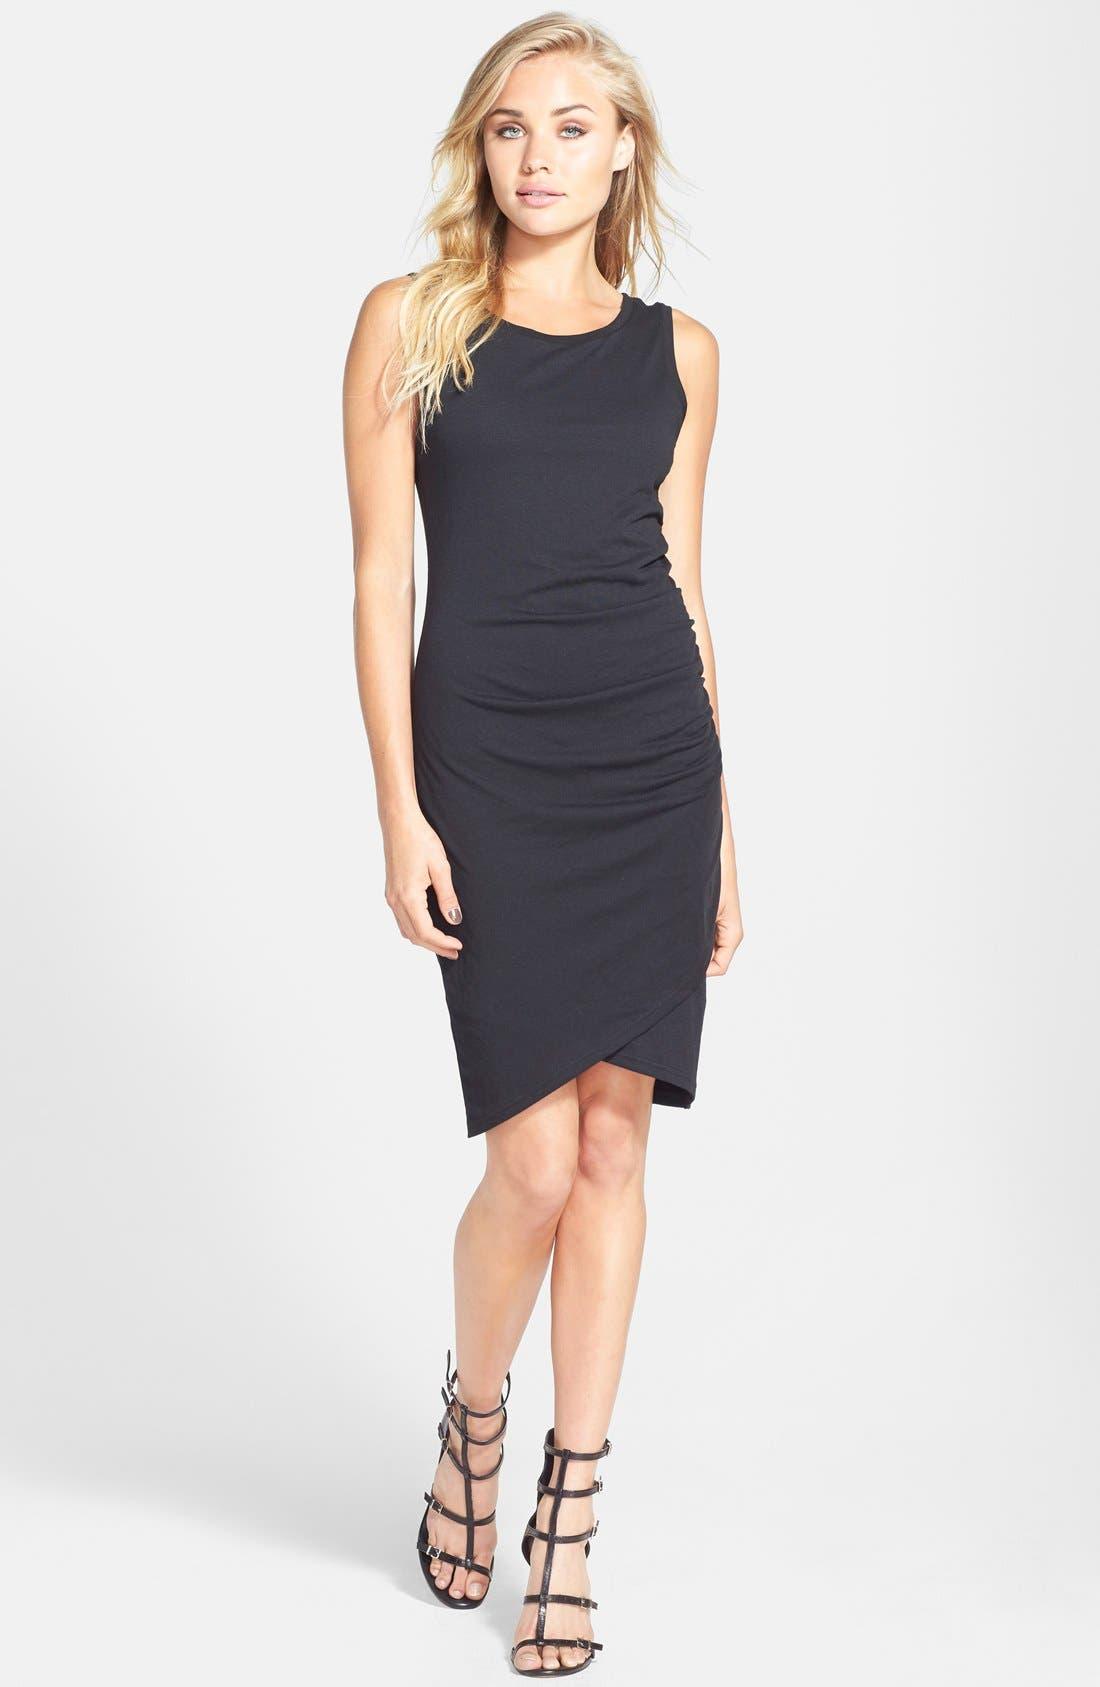 Black dress 499 jd